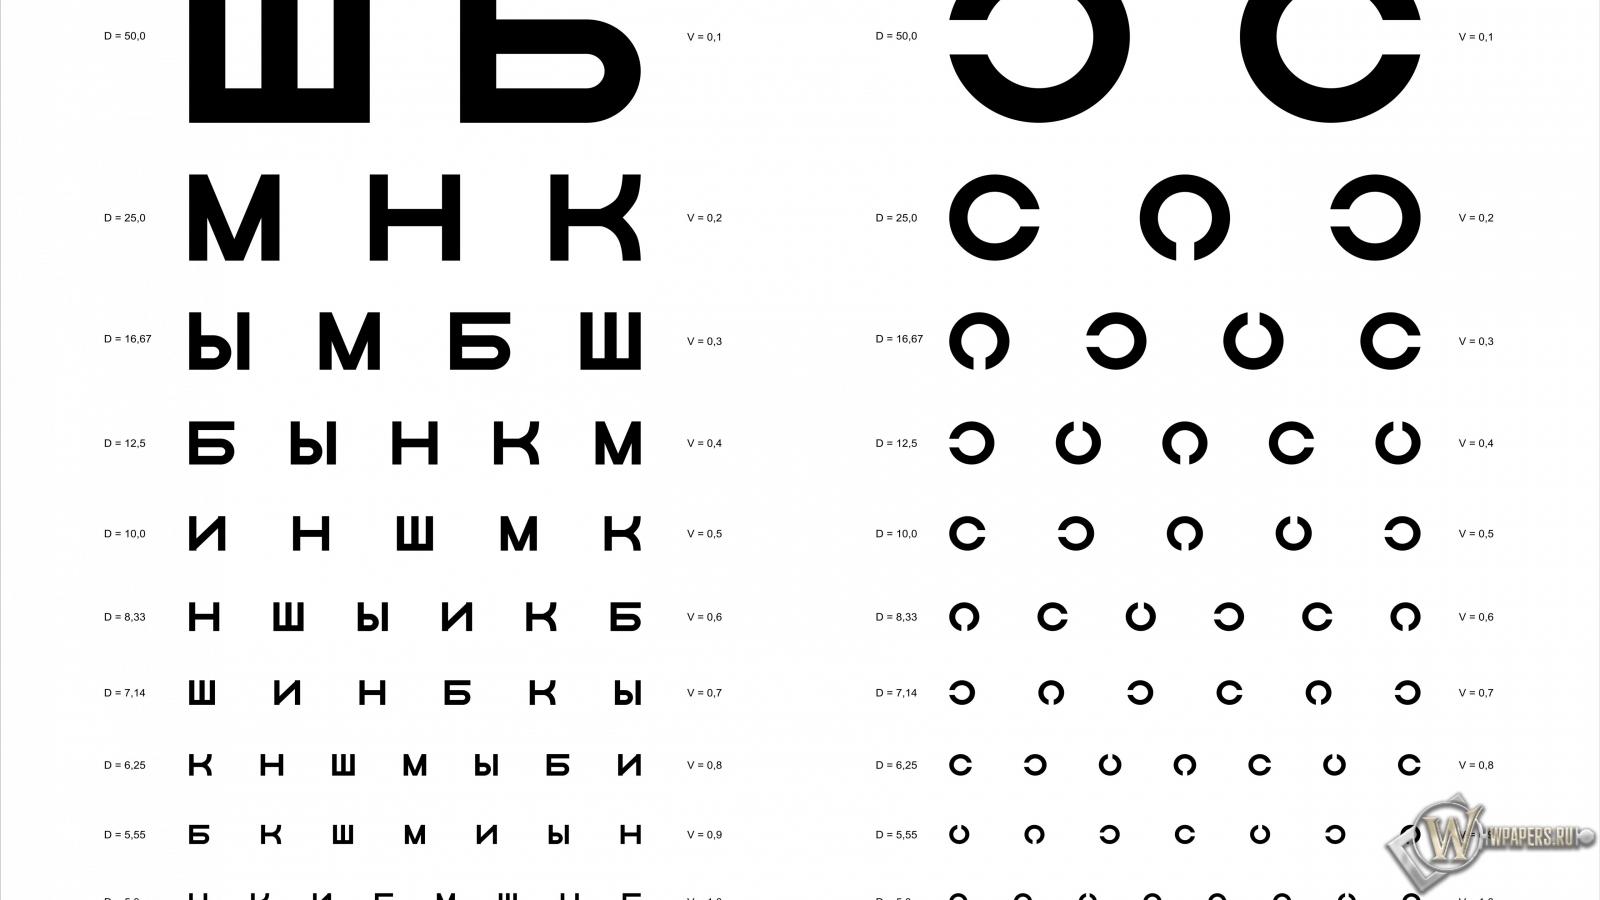 Таблица Д.А. Сивцева для проверки зрения 1600x900